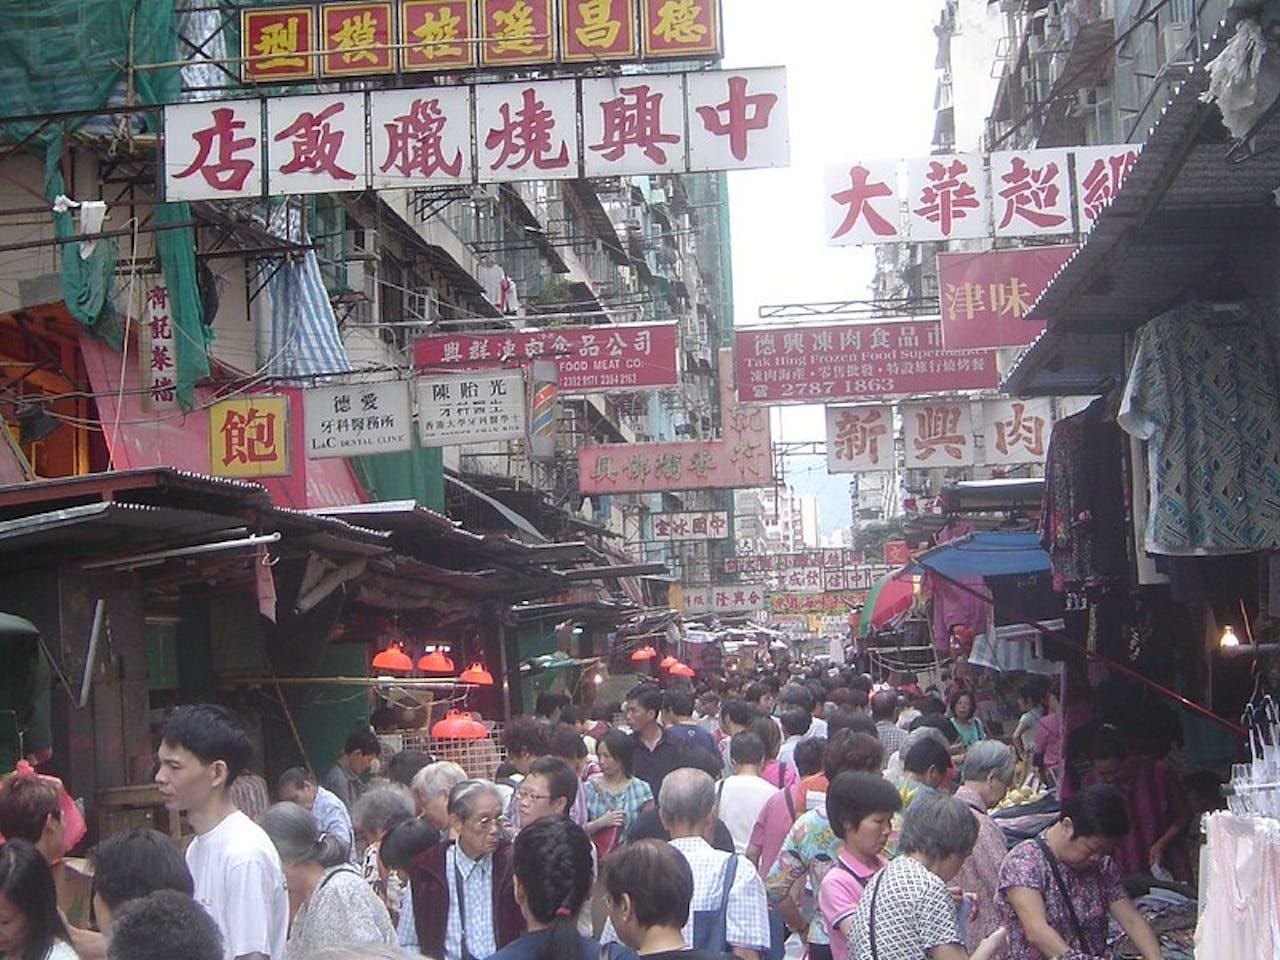 Drukke straat in China